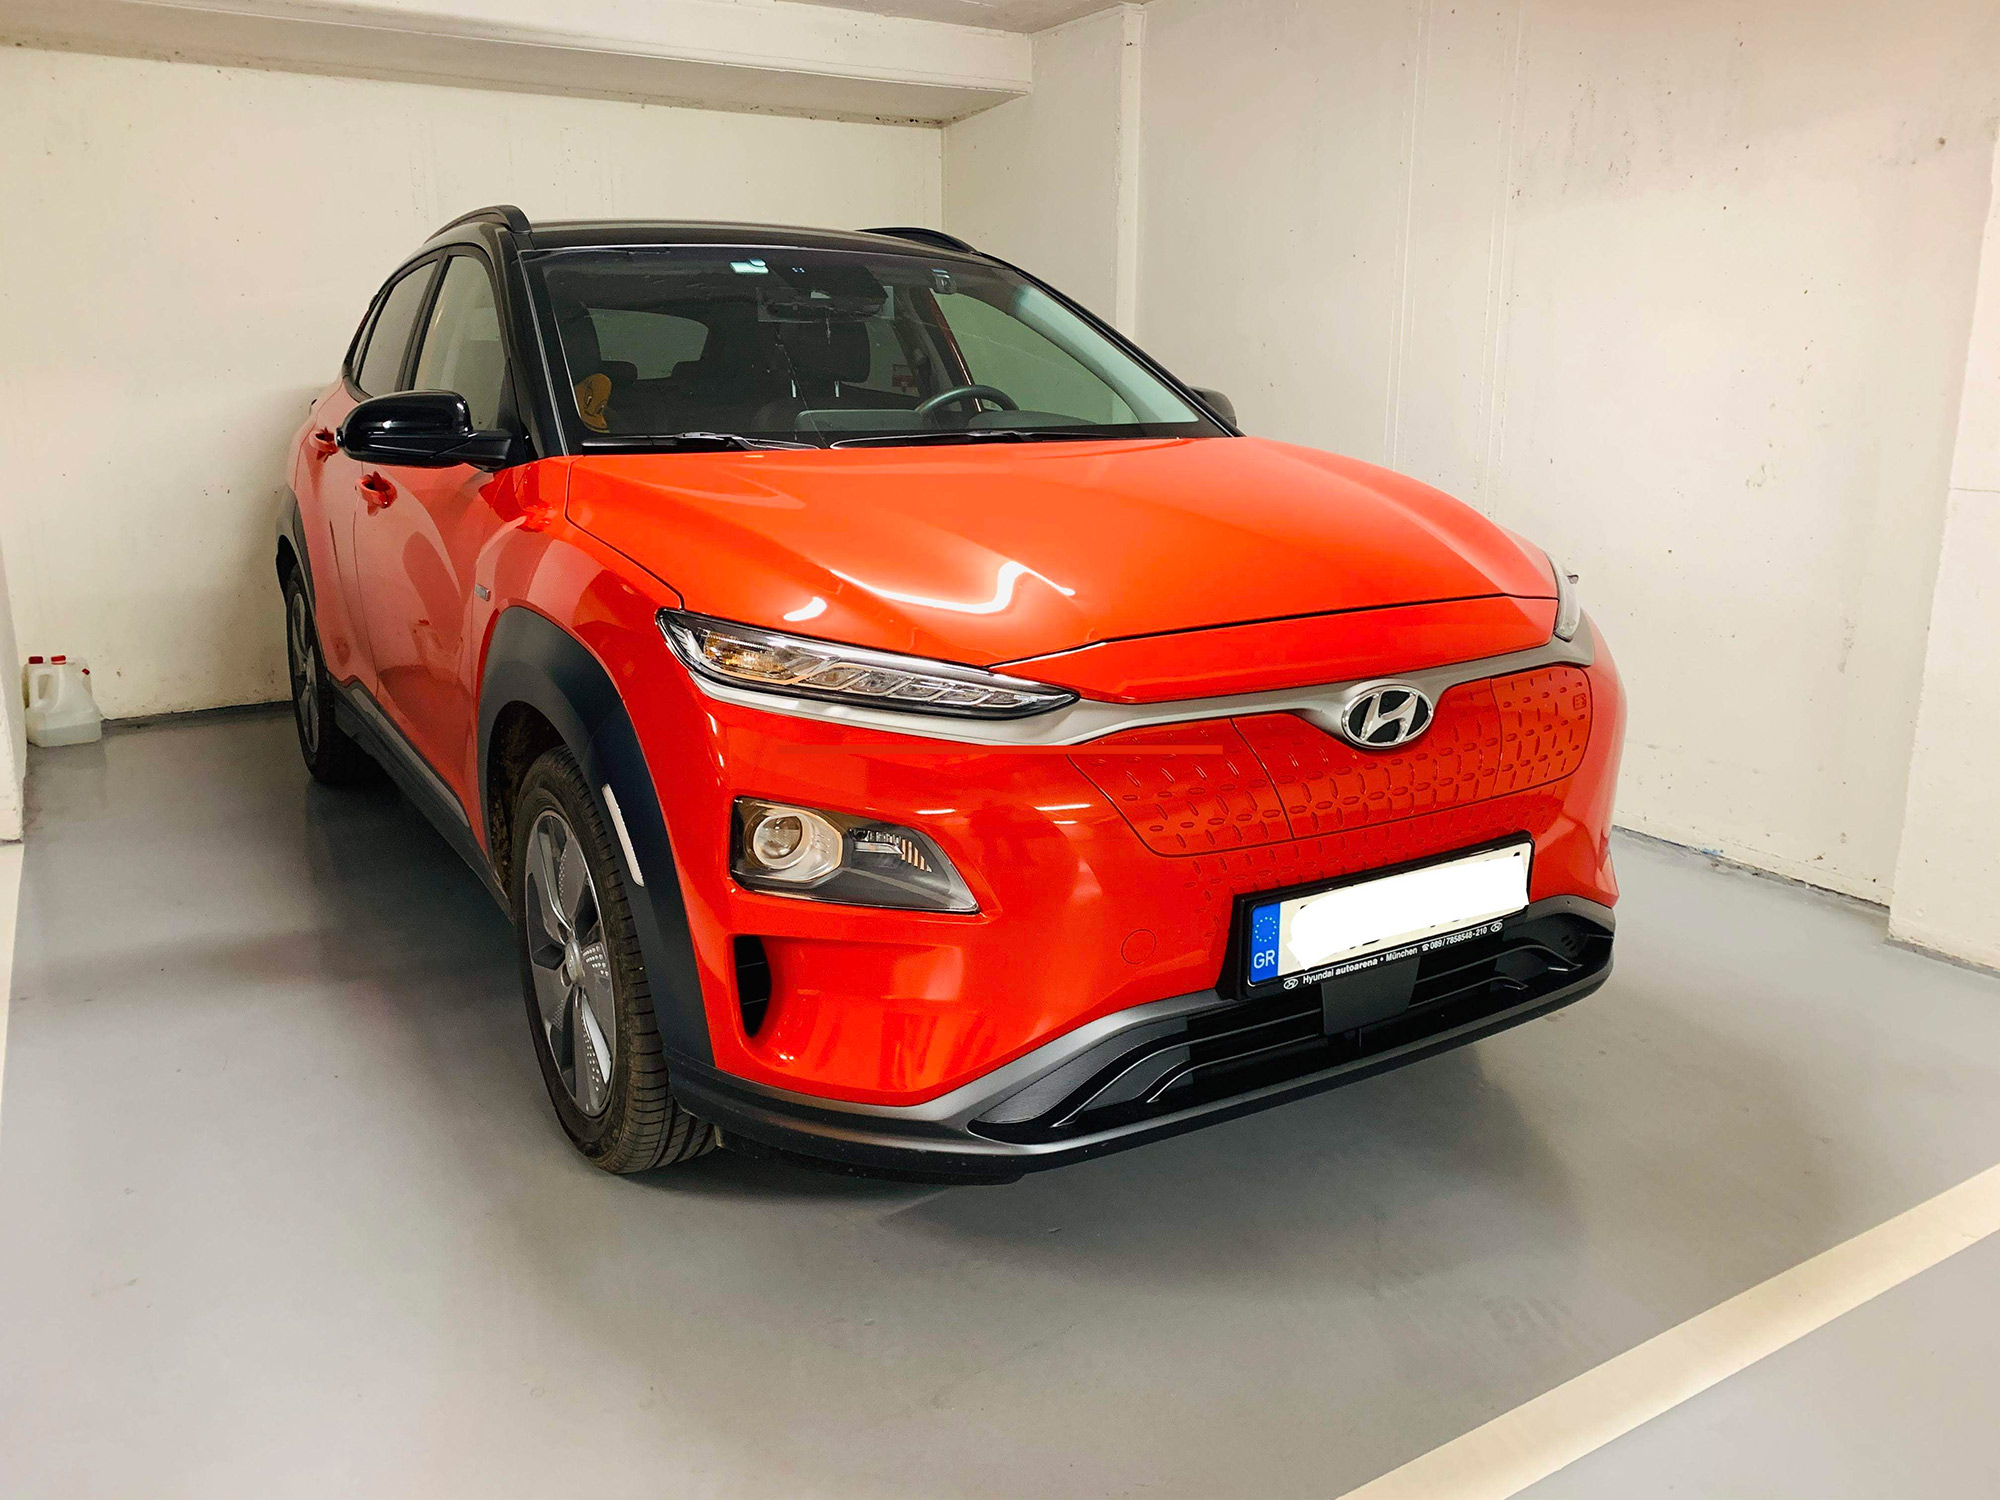 Δοκιμάζουμε το ηλεκτρικό Hyundai KONA στην Ελλάδα